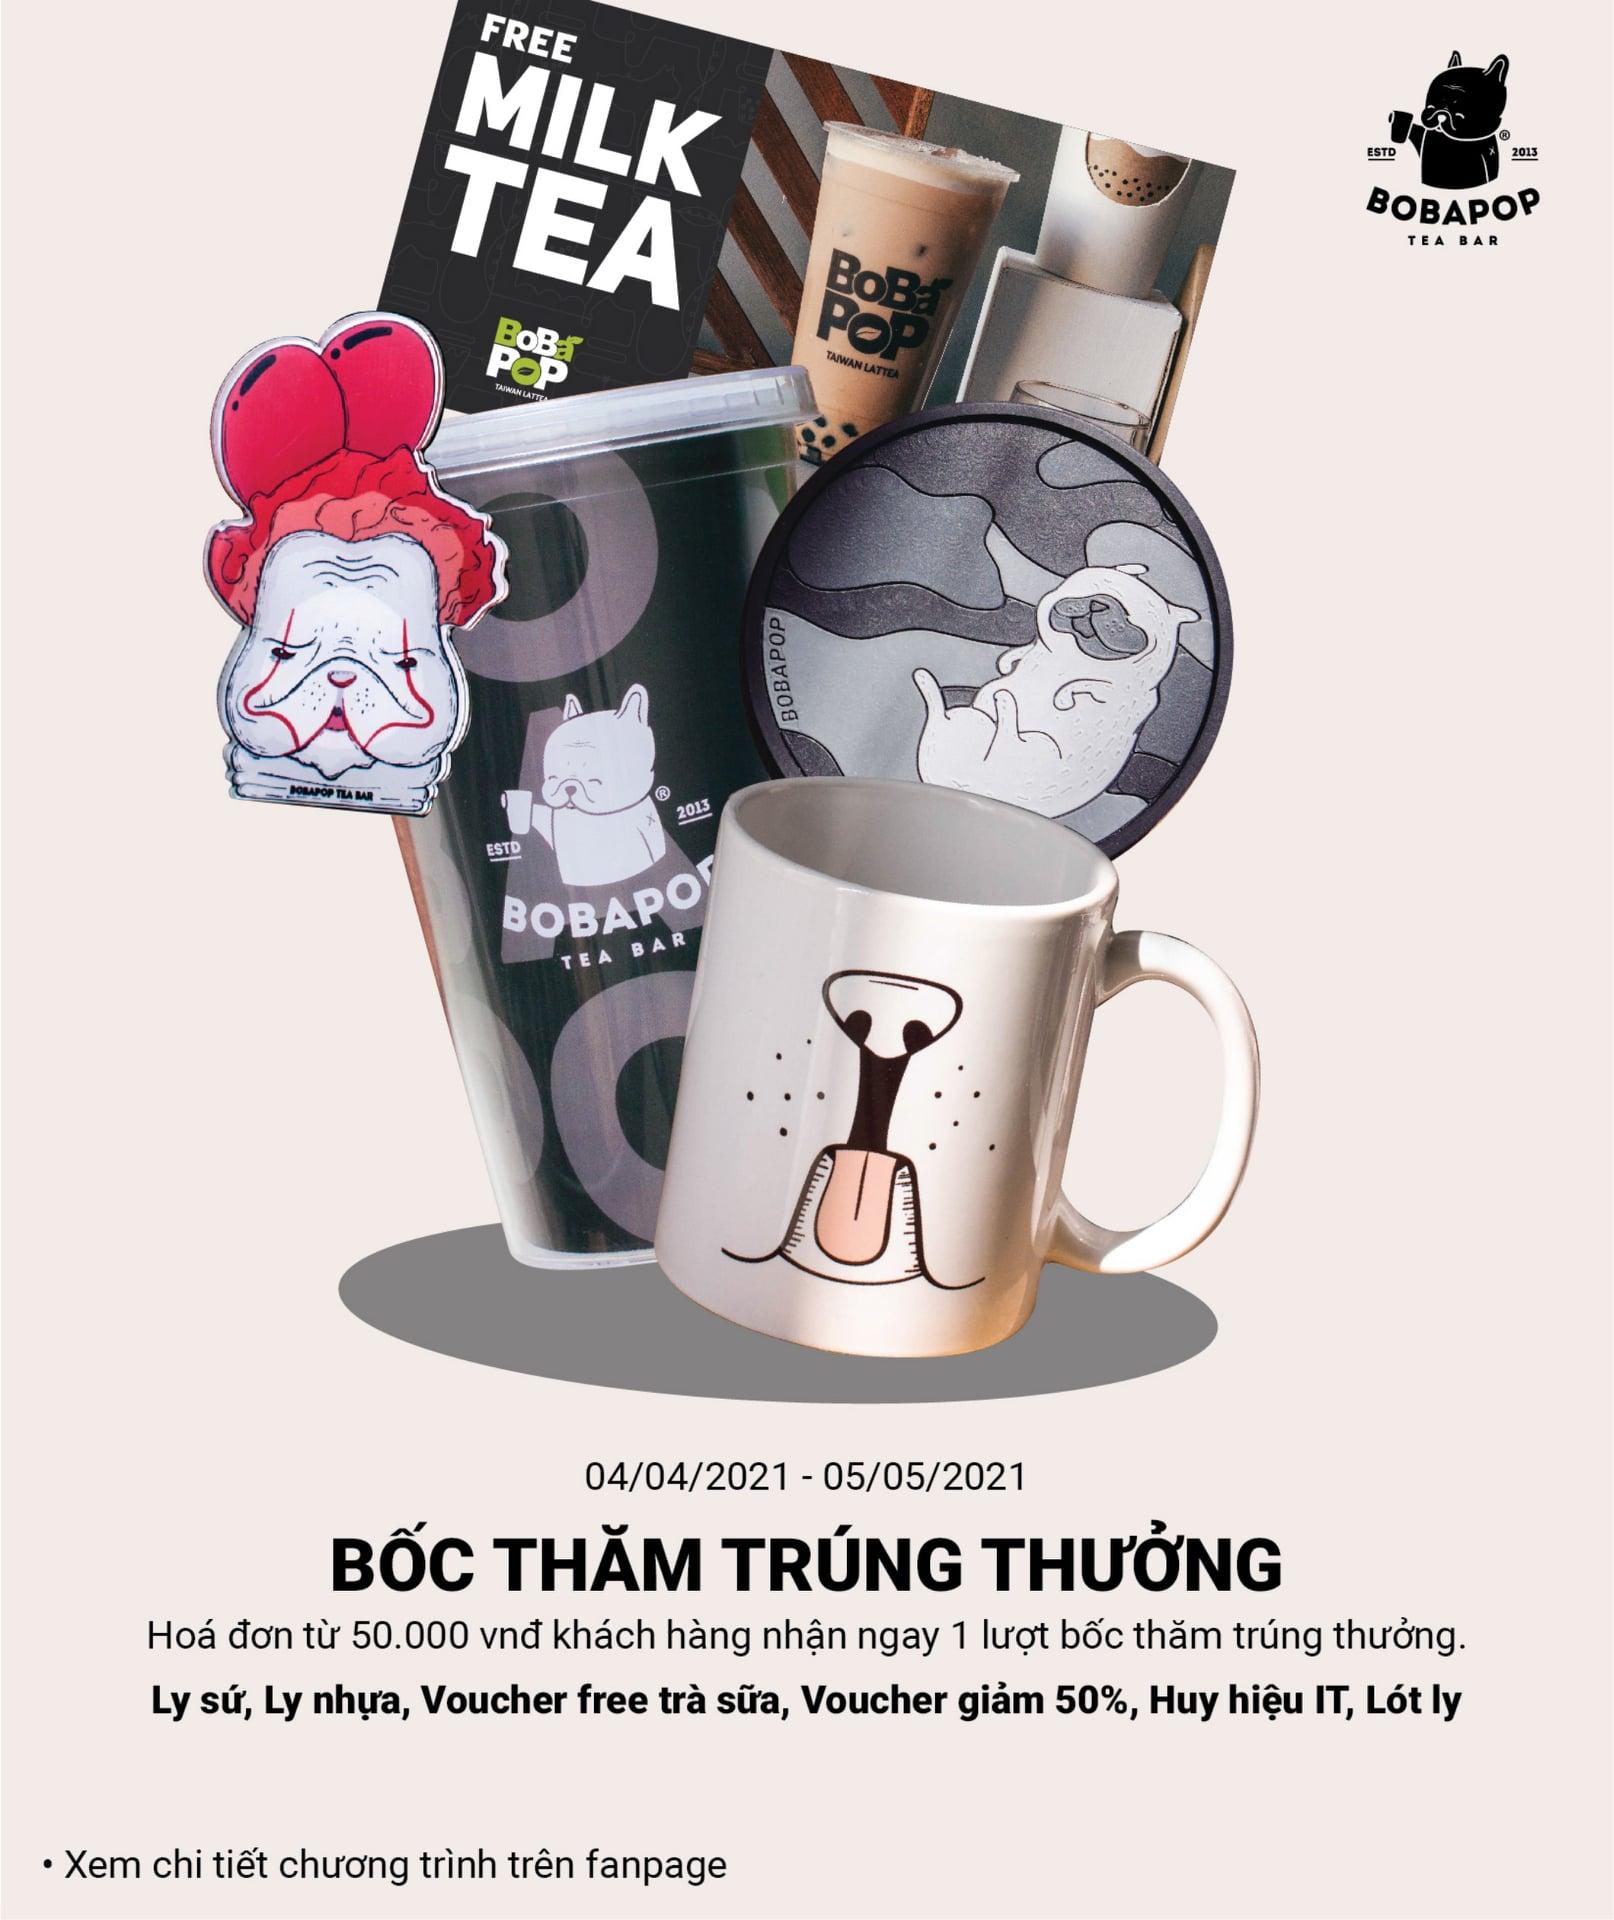 Khuyến mãi ăn uống tuần này (5/4-11/4): ThaiExpress giảm 20%, Bobapop ưu đãi bốc thăm trúng thưởng   - Ảnh 8.